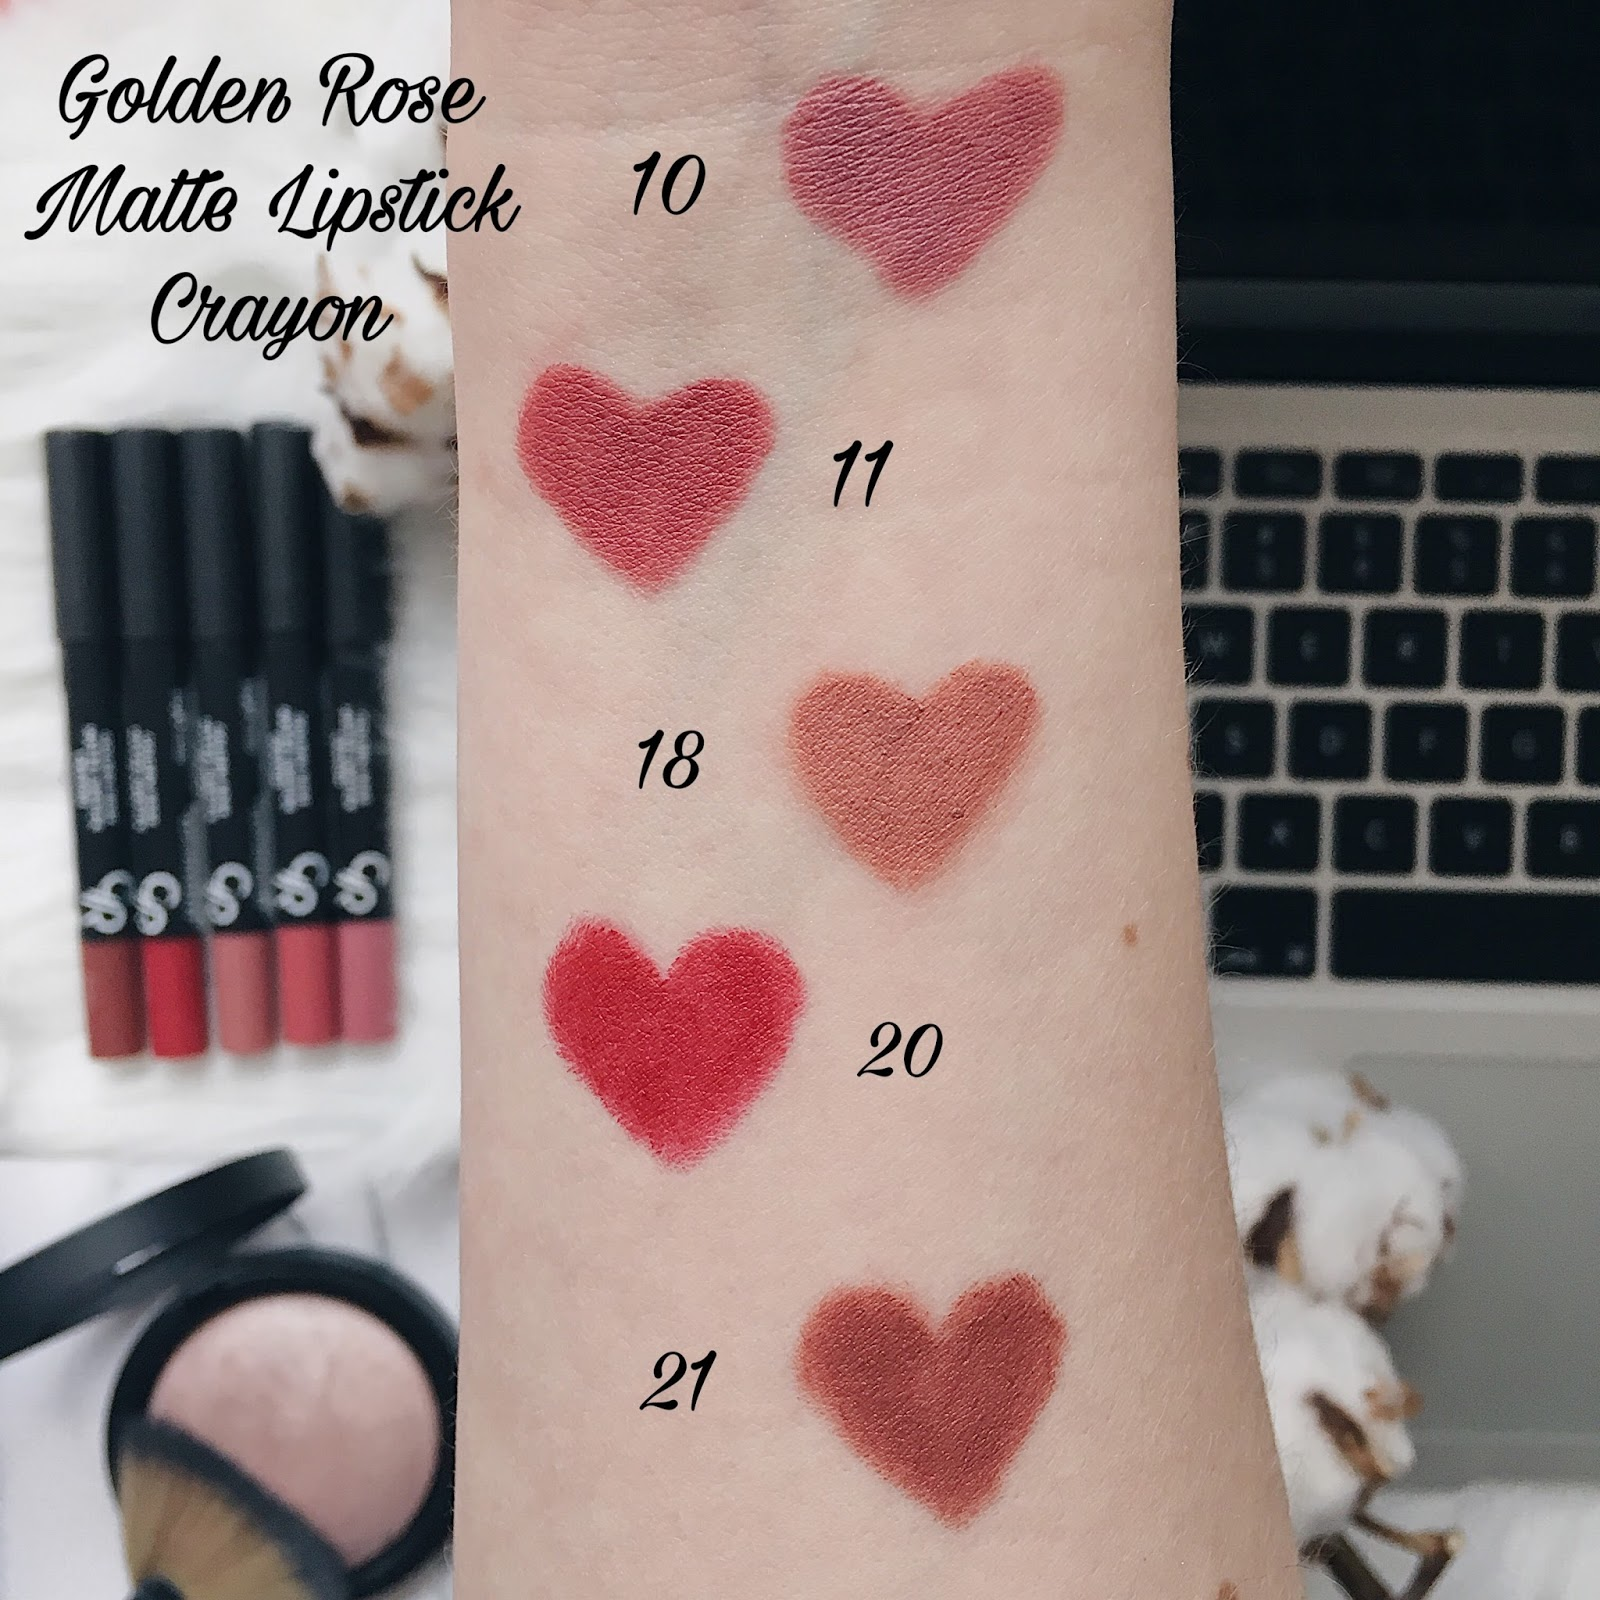 Golden Rose Matte Lipstick Crayon swatch